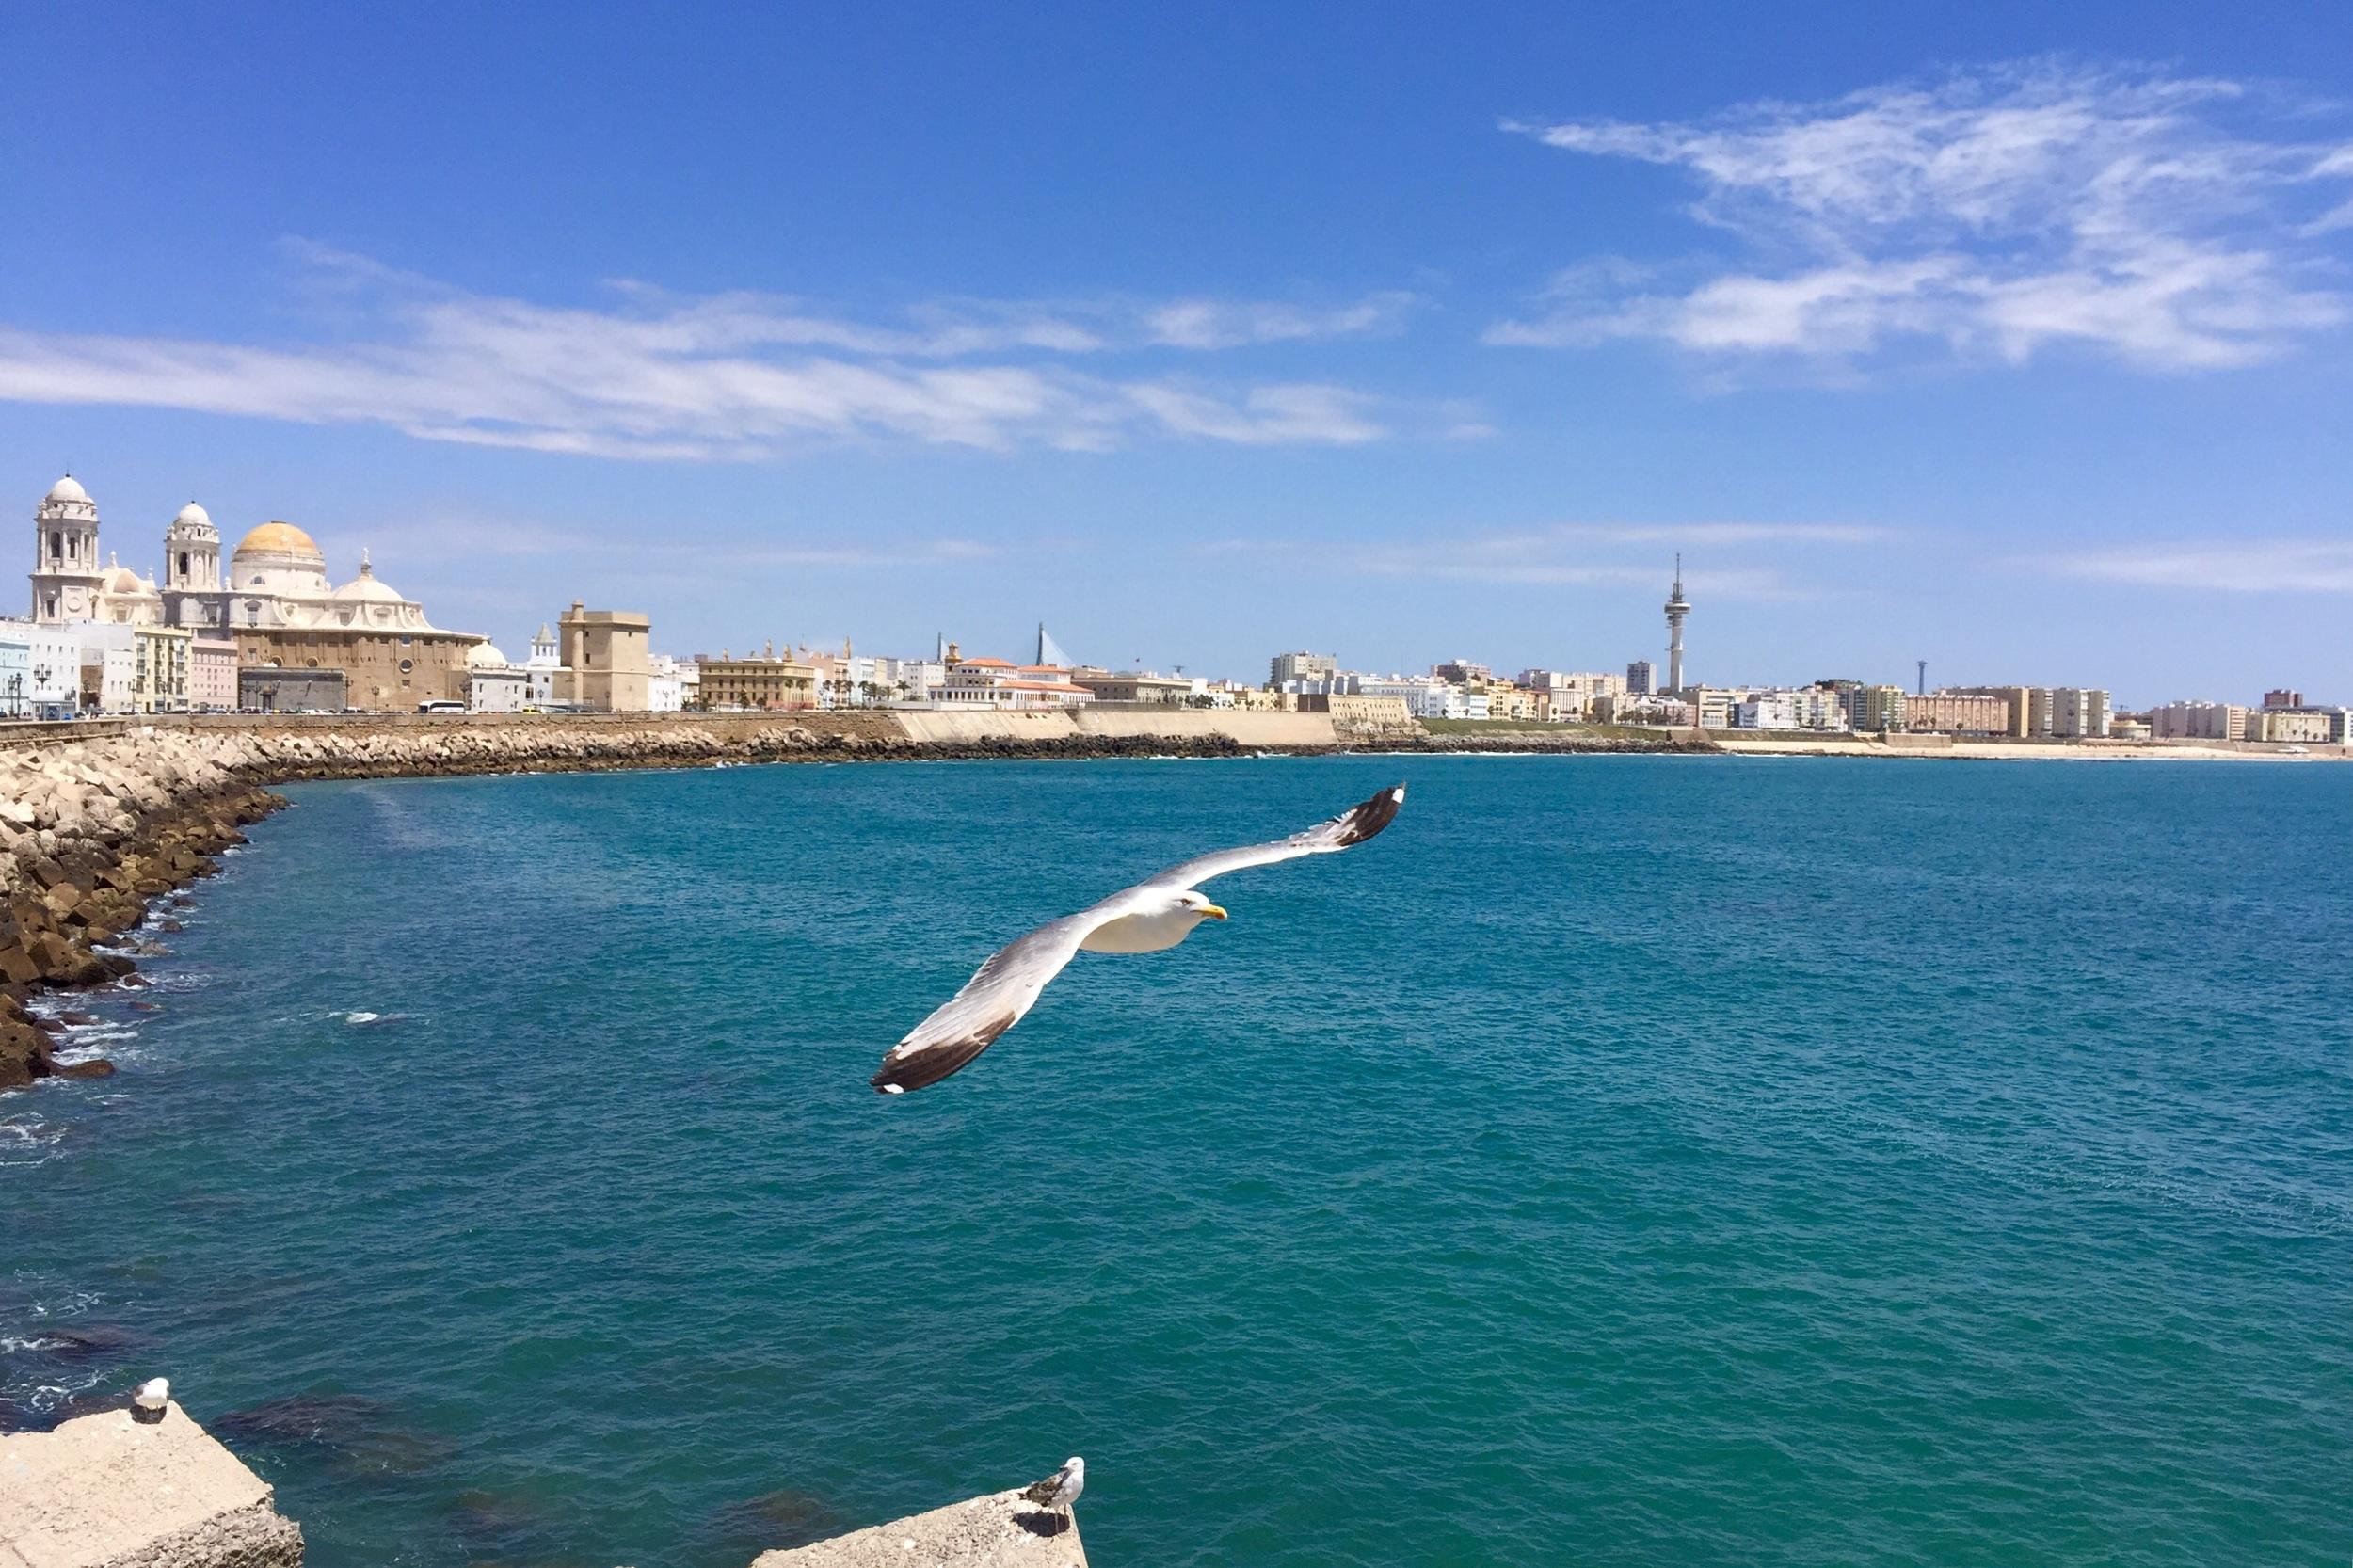 Boardwalk in Cadiz